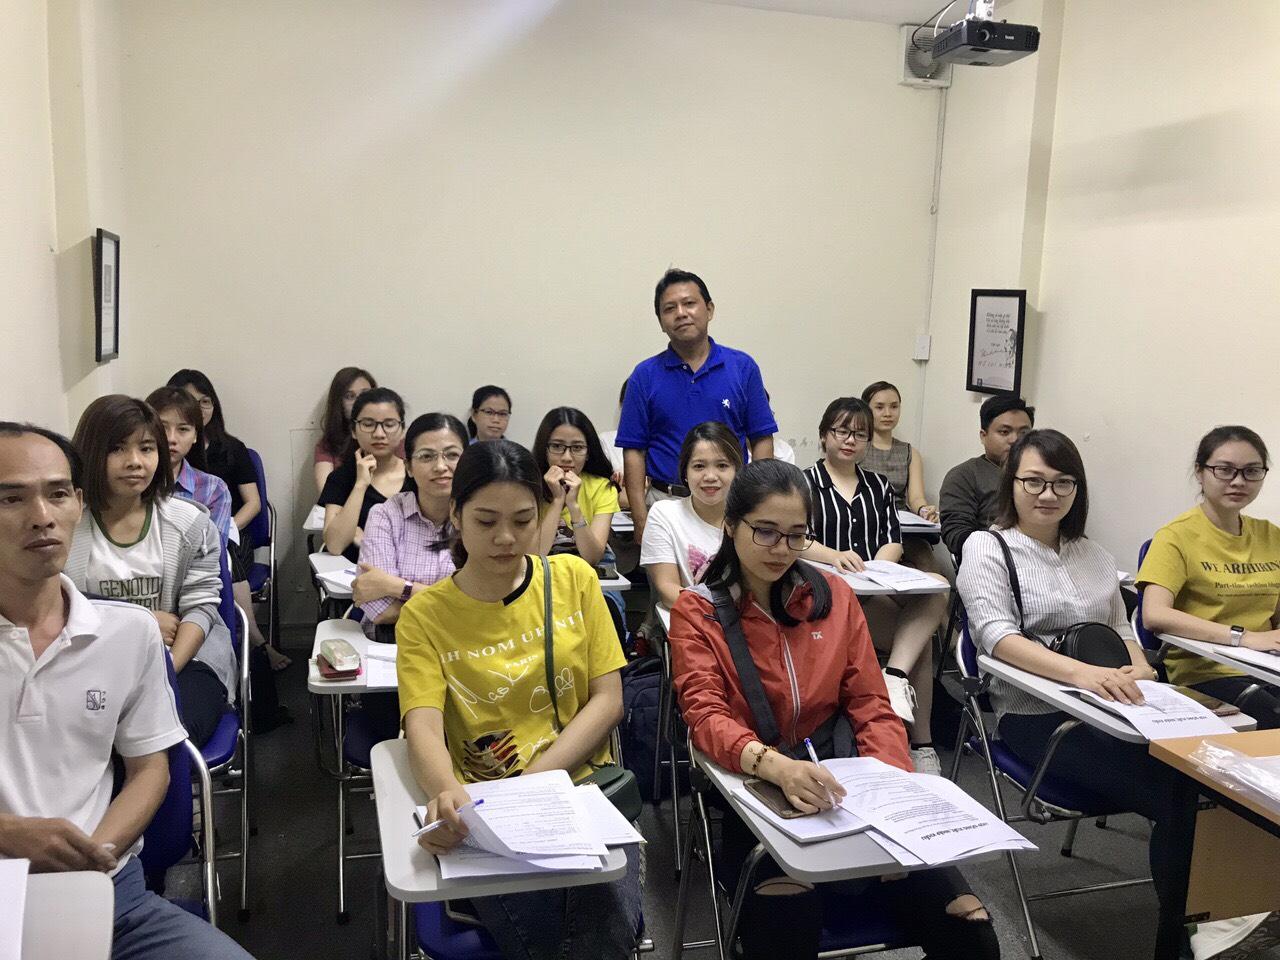 trung tâm dạy xuất nhập khẩu VinaTrain chi nhánh Hồ Chí Minh